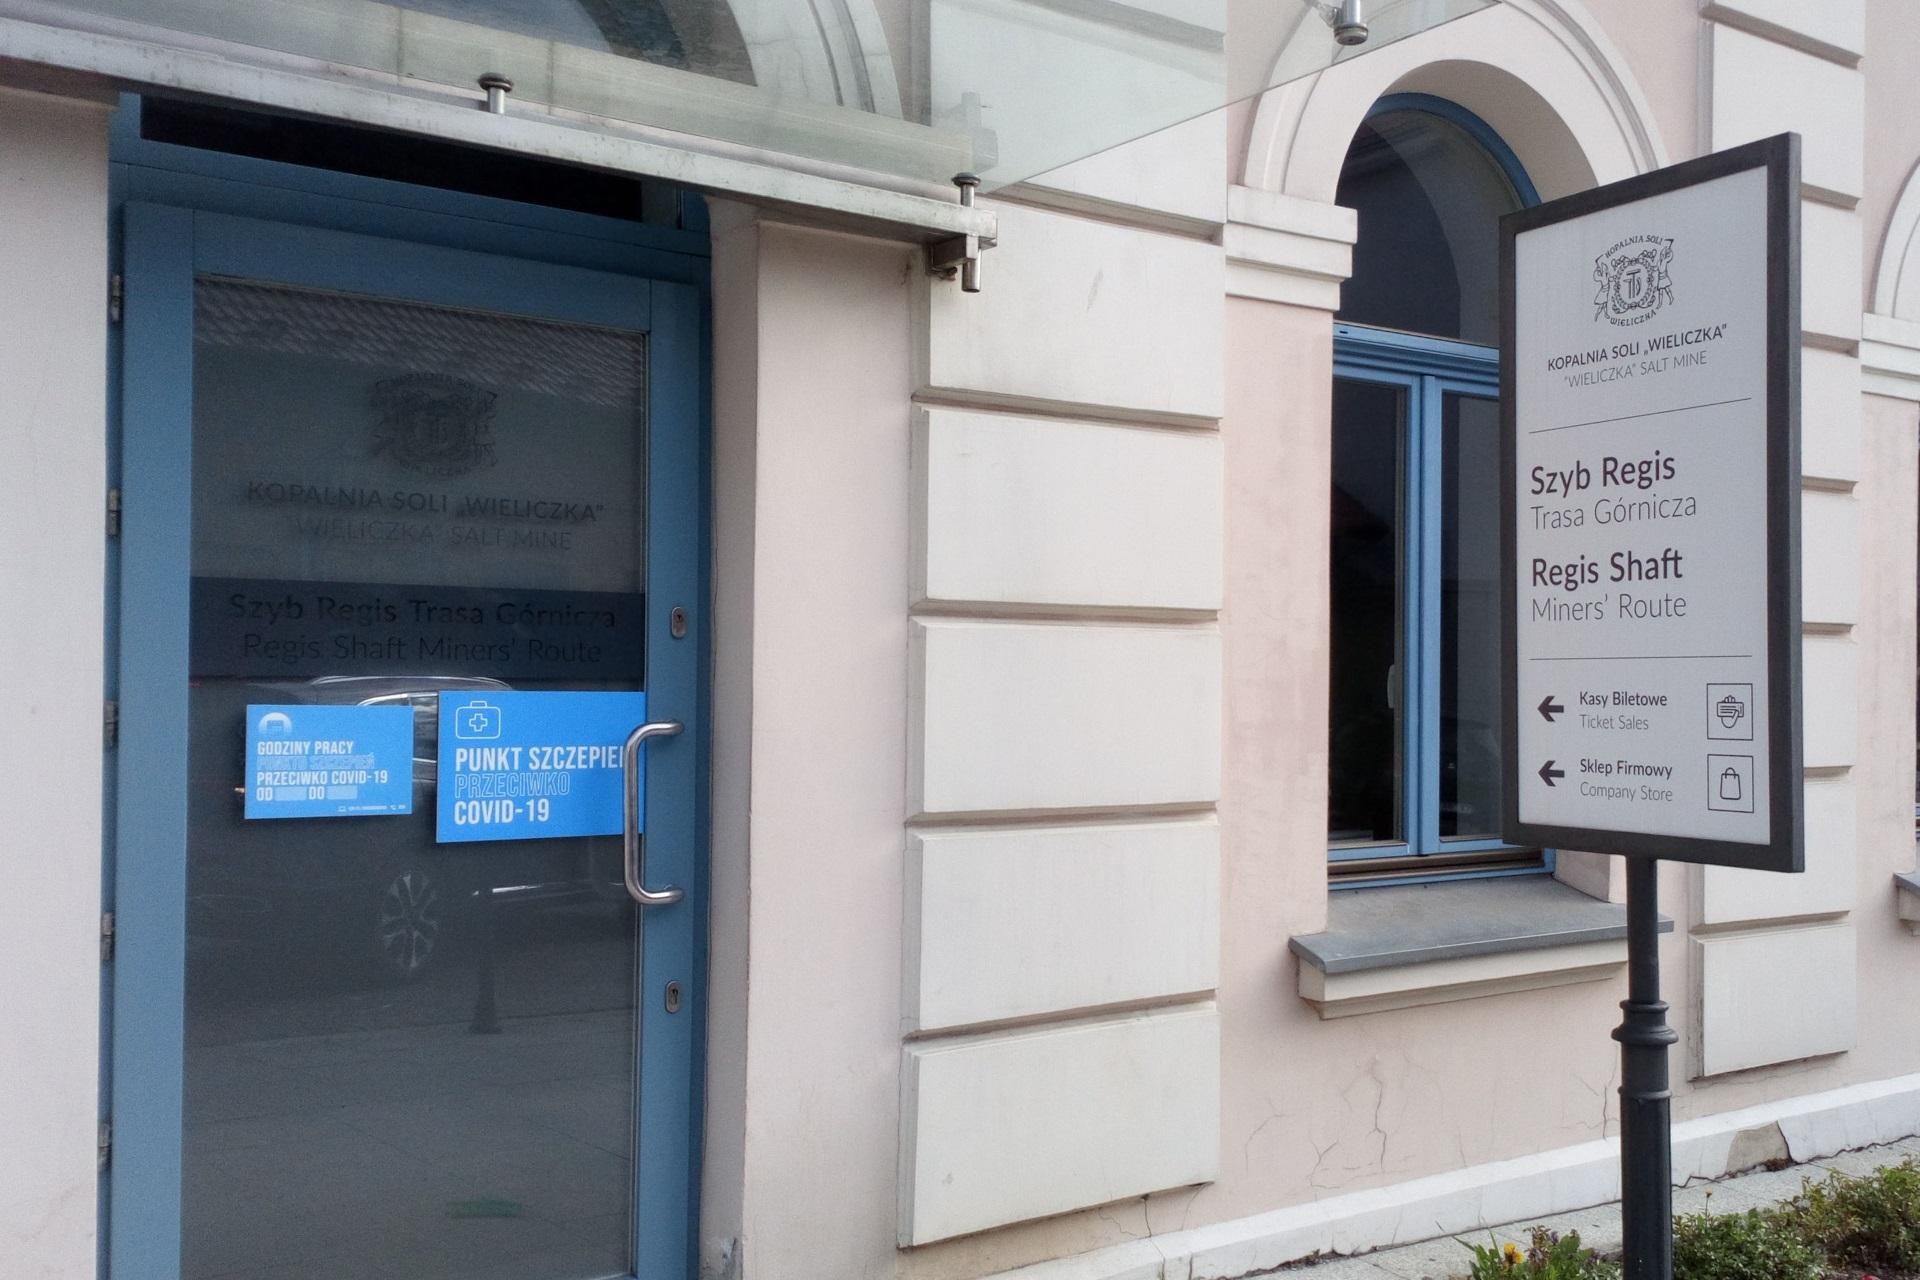 Wejście do szybu Regis. Na oszklonych drzwiach informacja na niebieskim tle: punkt szczepień